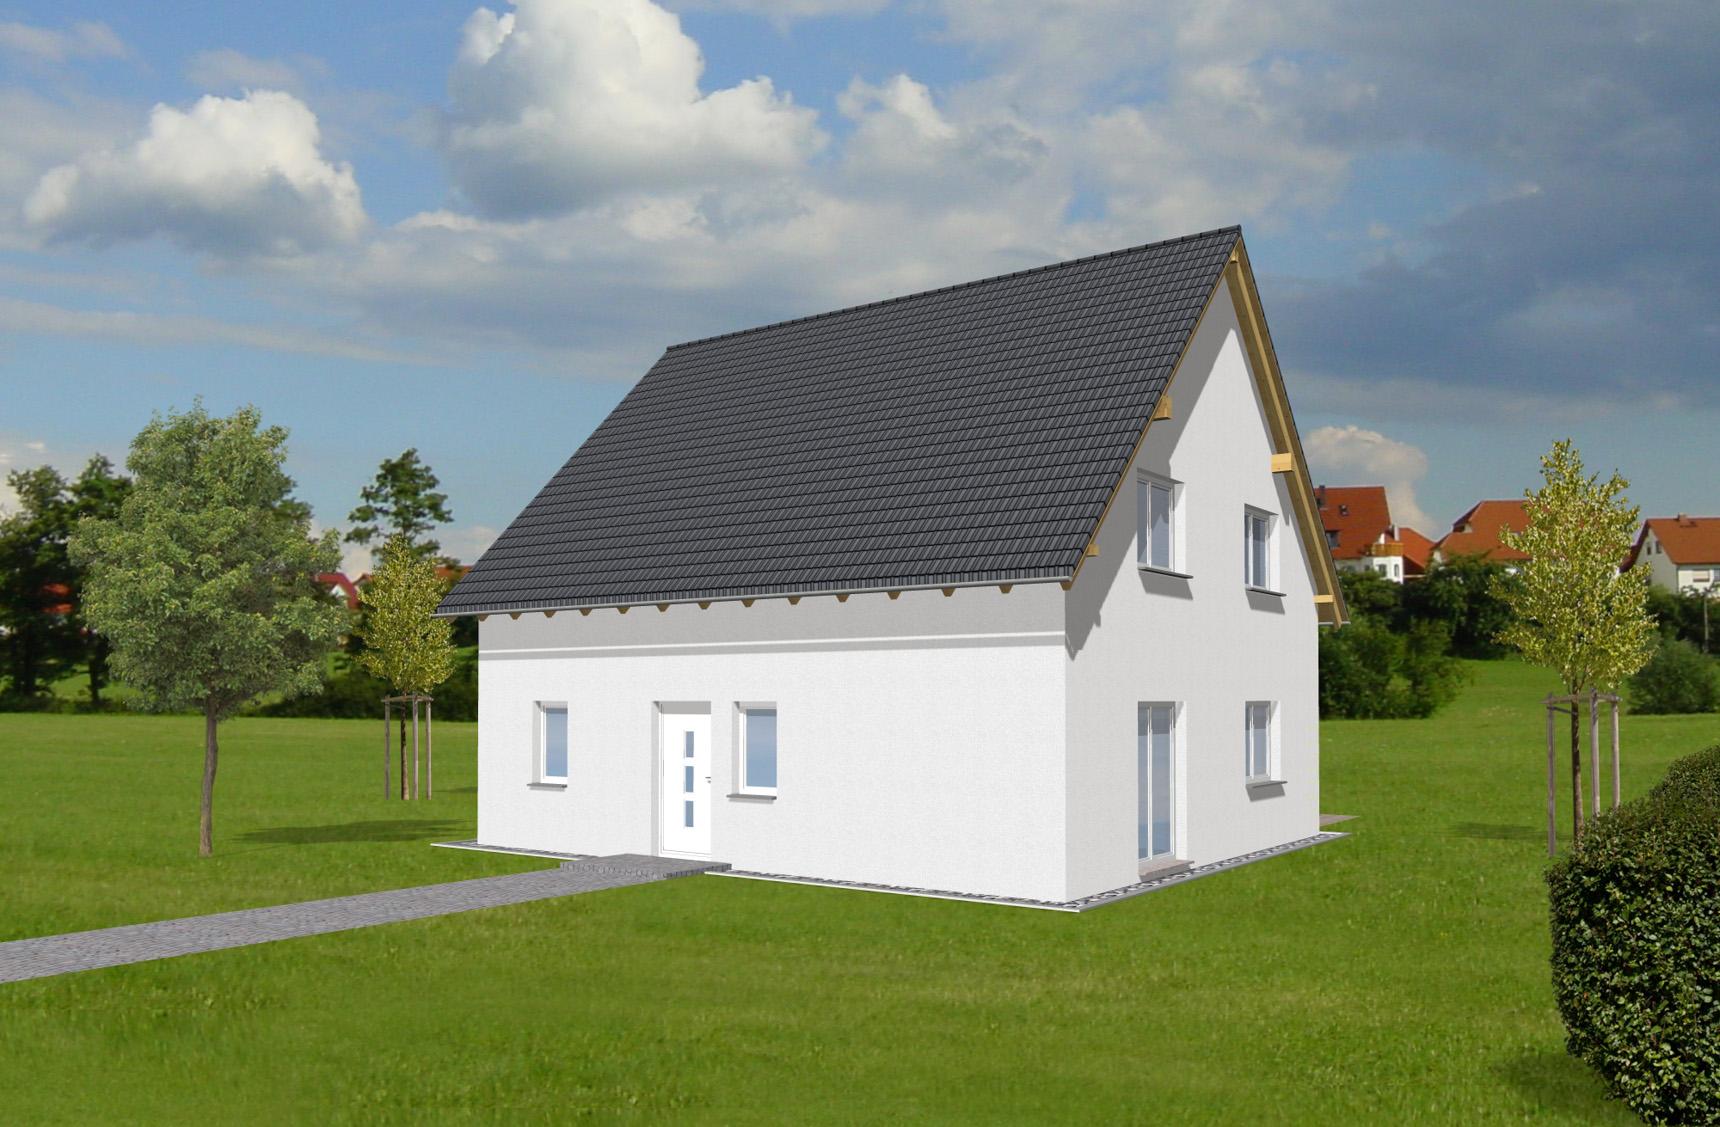 Typenhaus Rana - ALG Massivhaus GmbH Eingangsansicht